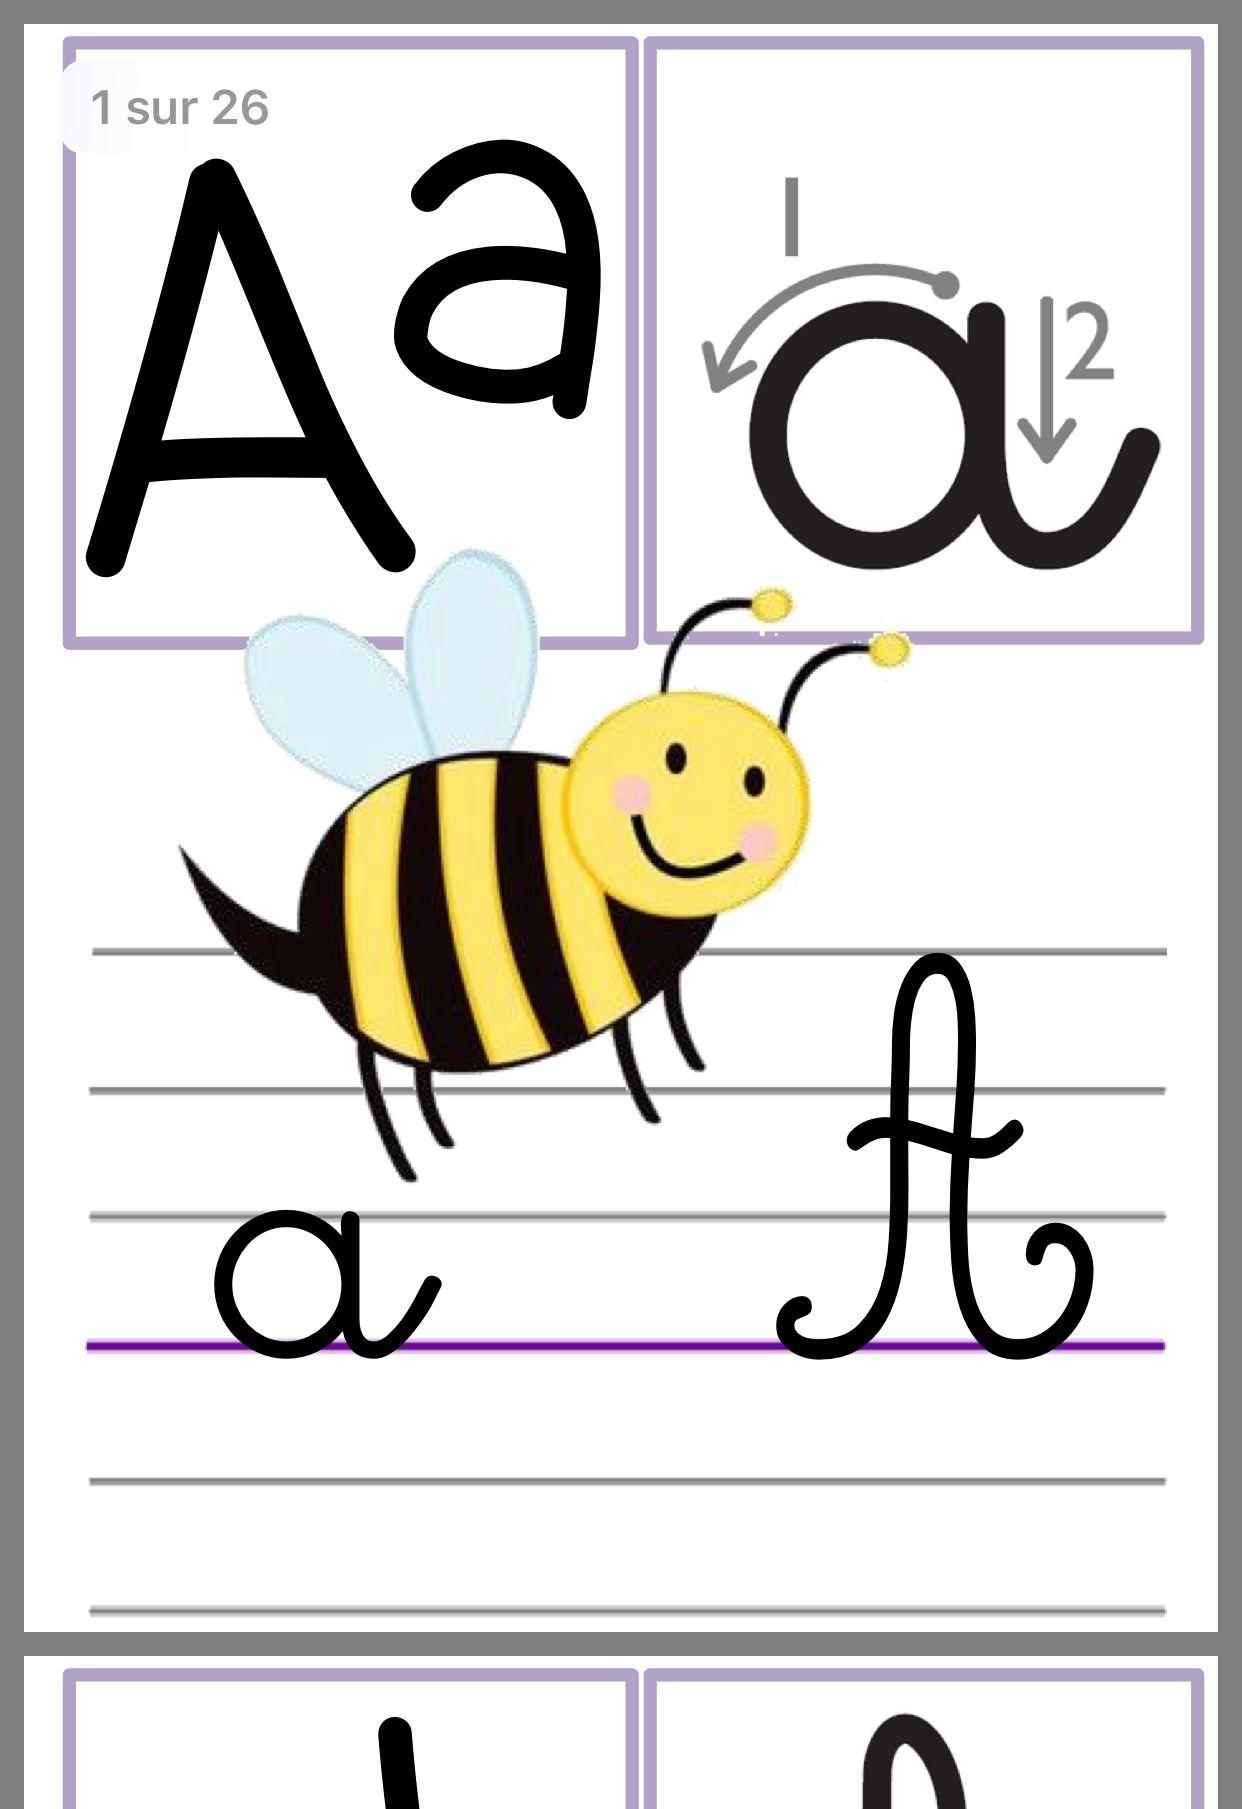 Épinglé Par نورة الفراح Sur Photocopie | Affichage Alphabet intérieur Alphabet Français À Imprimer